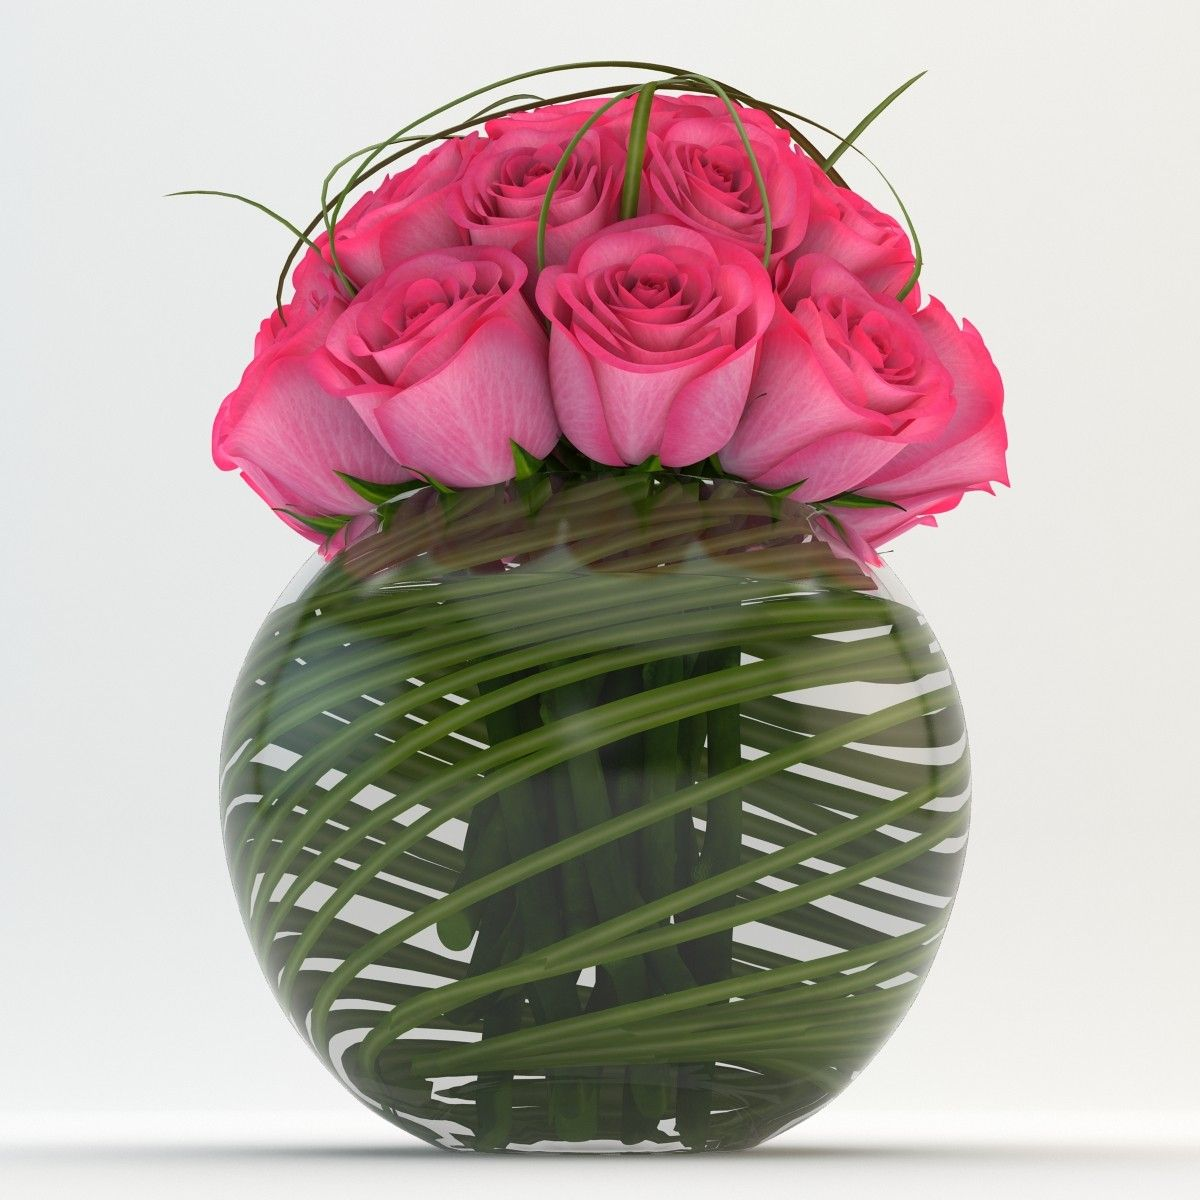 3d Model Bouquets Vase 03 Vase 3d Model Bouquet